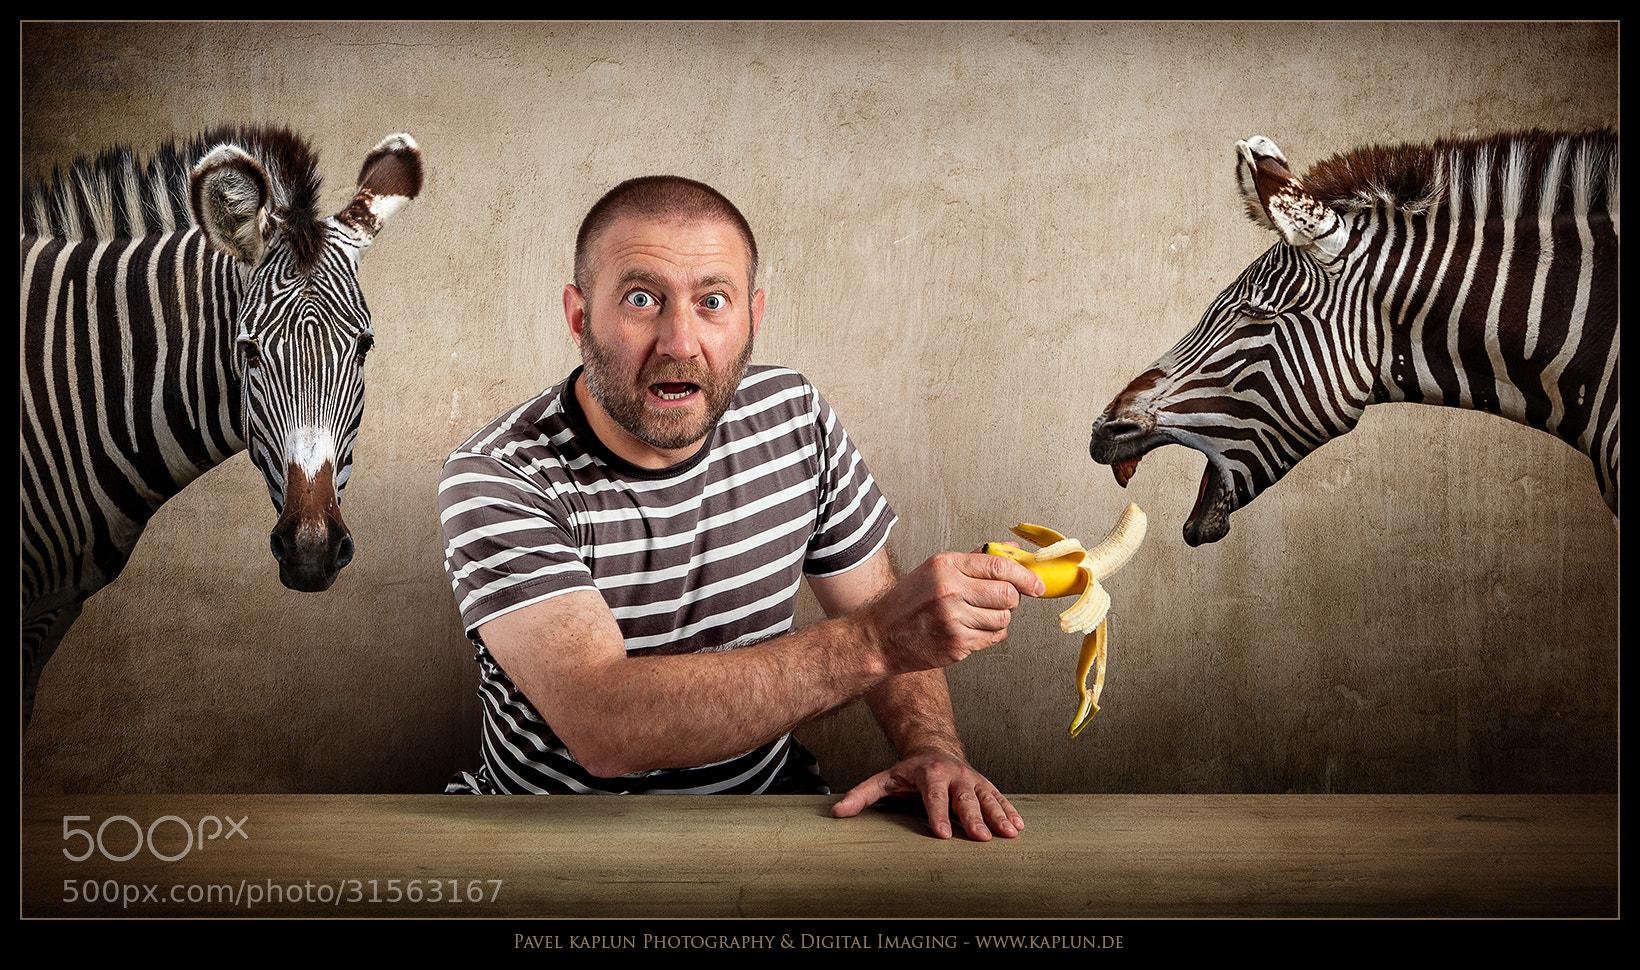 Photograph Drei mit den Streifen und eine Banane by Pavel Kaplun on 500px